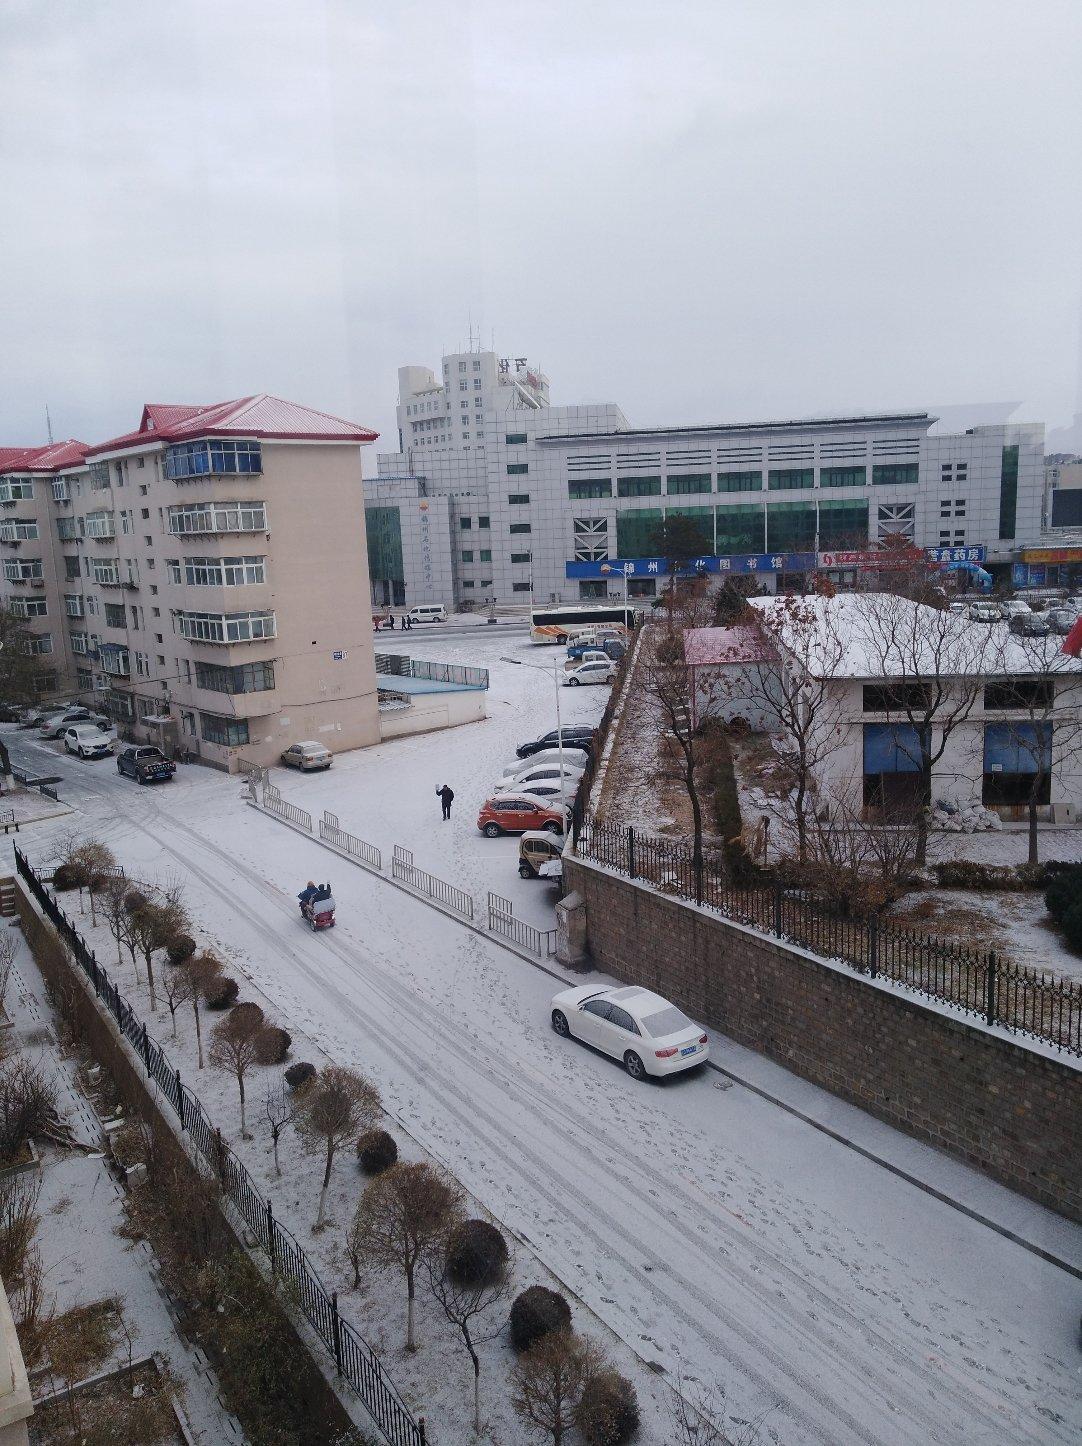 辽宁省锦州市古塔区红星街靠近锦州石油宾馆天气预报